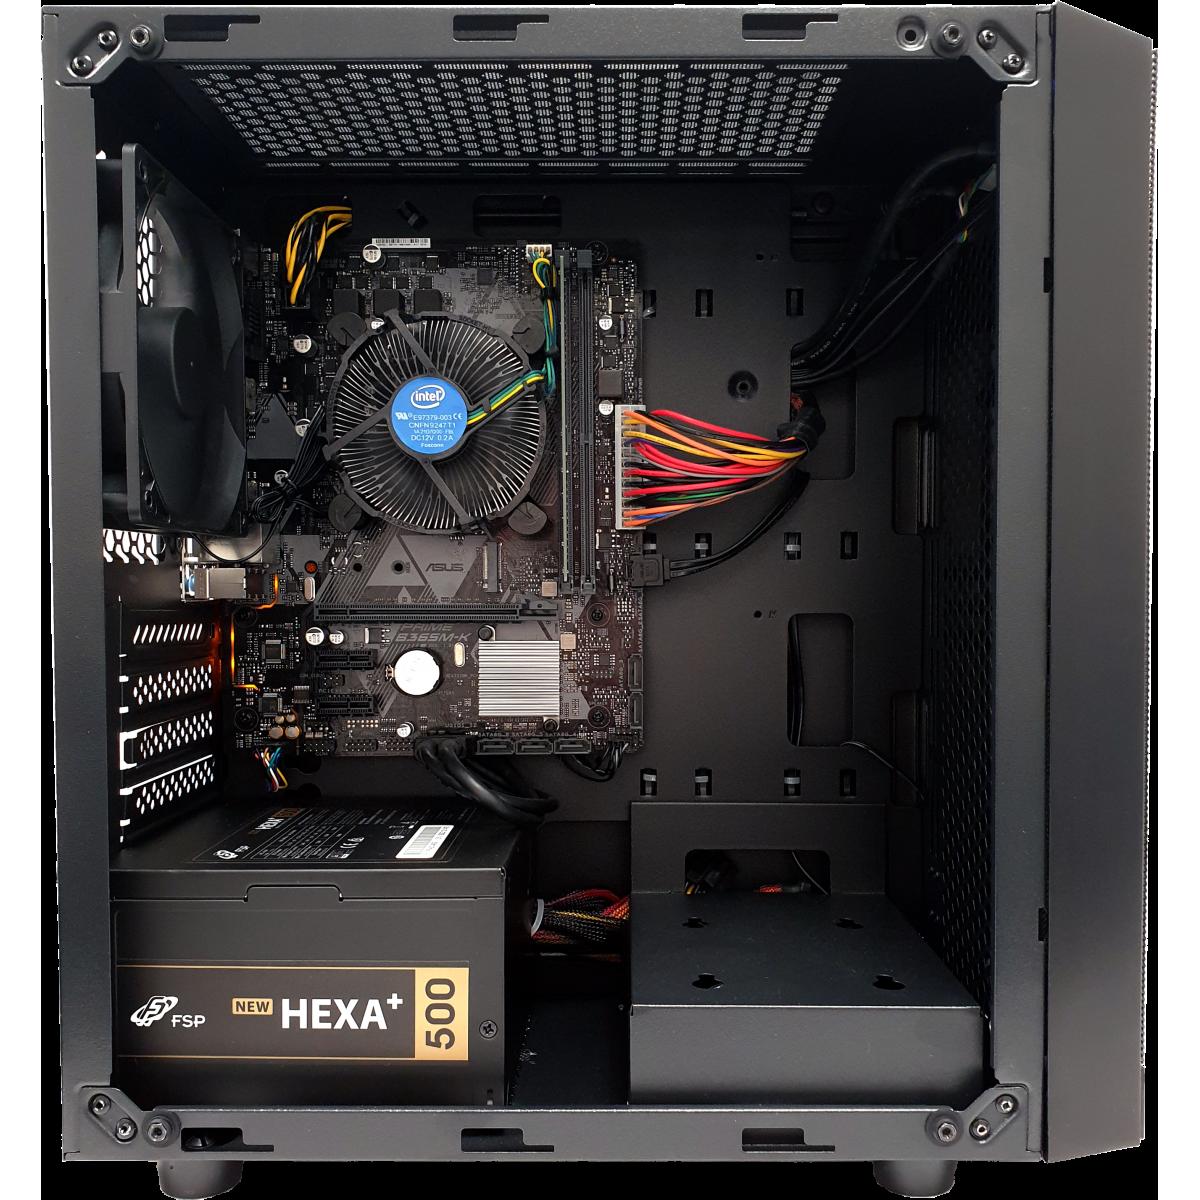 2020: Home PC Intel i3 8GIG 256GB SSD